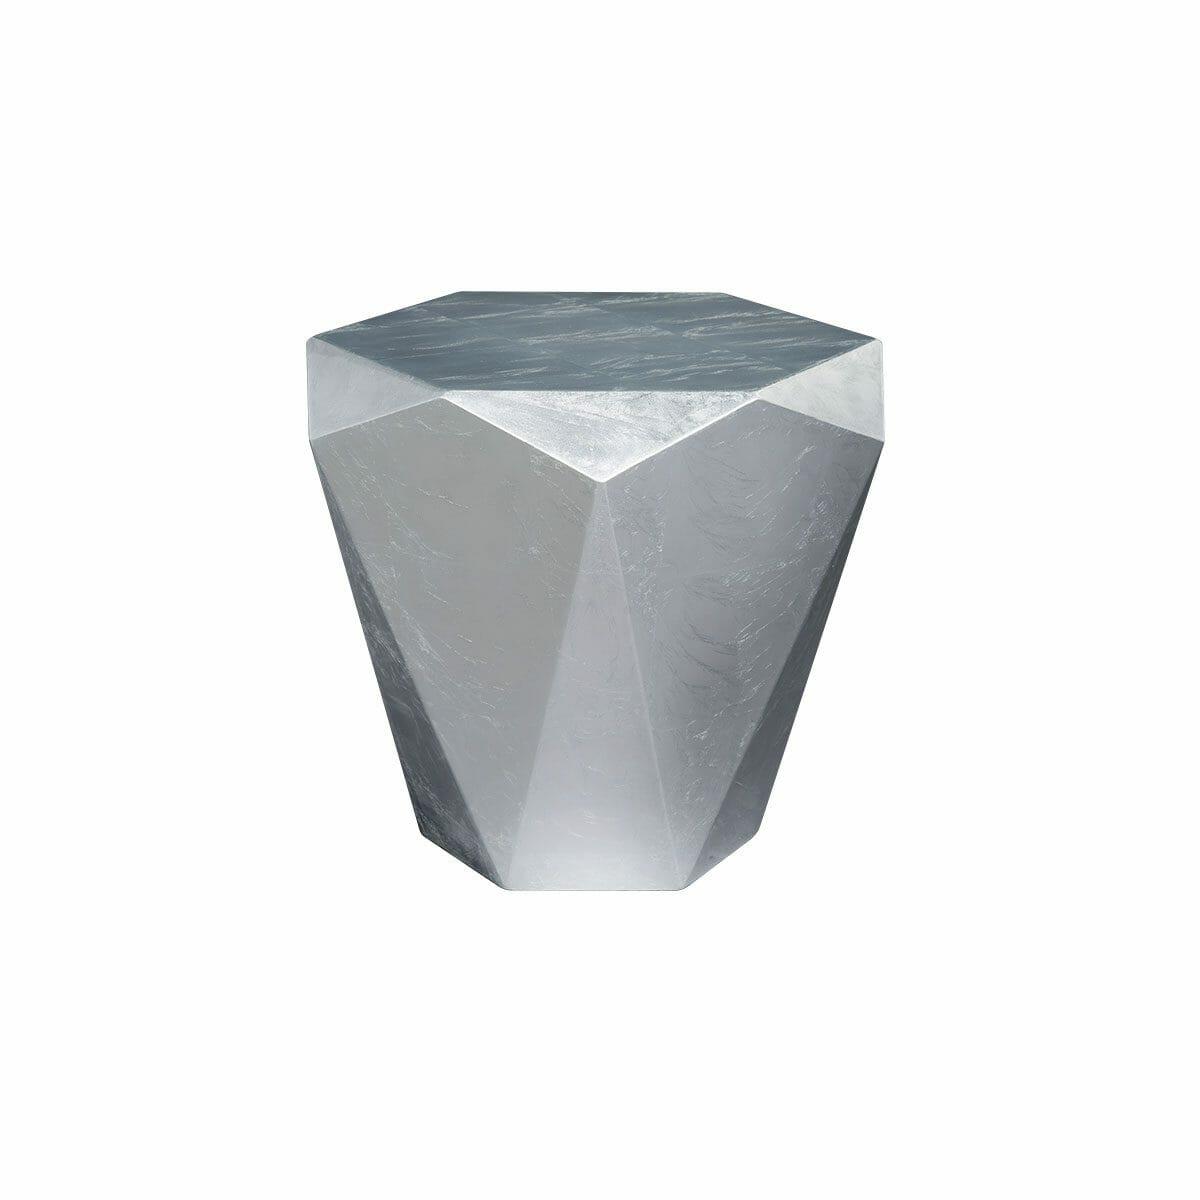 Bretz Stealth Beistelltisch B145S Aluminium-Blatt silbern